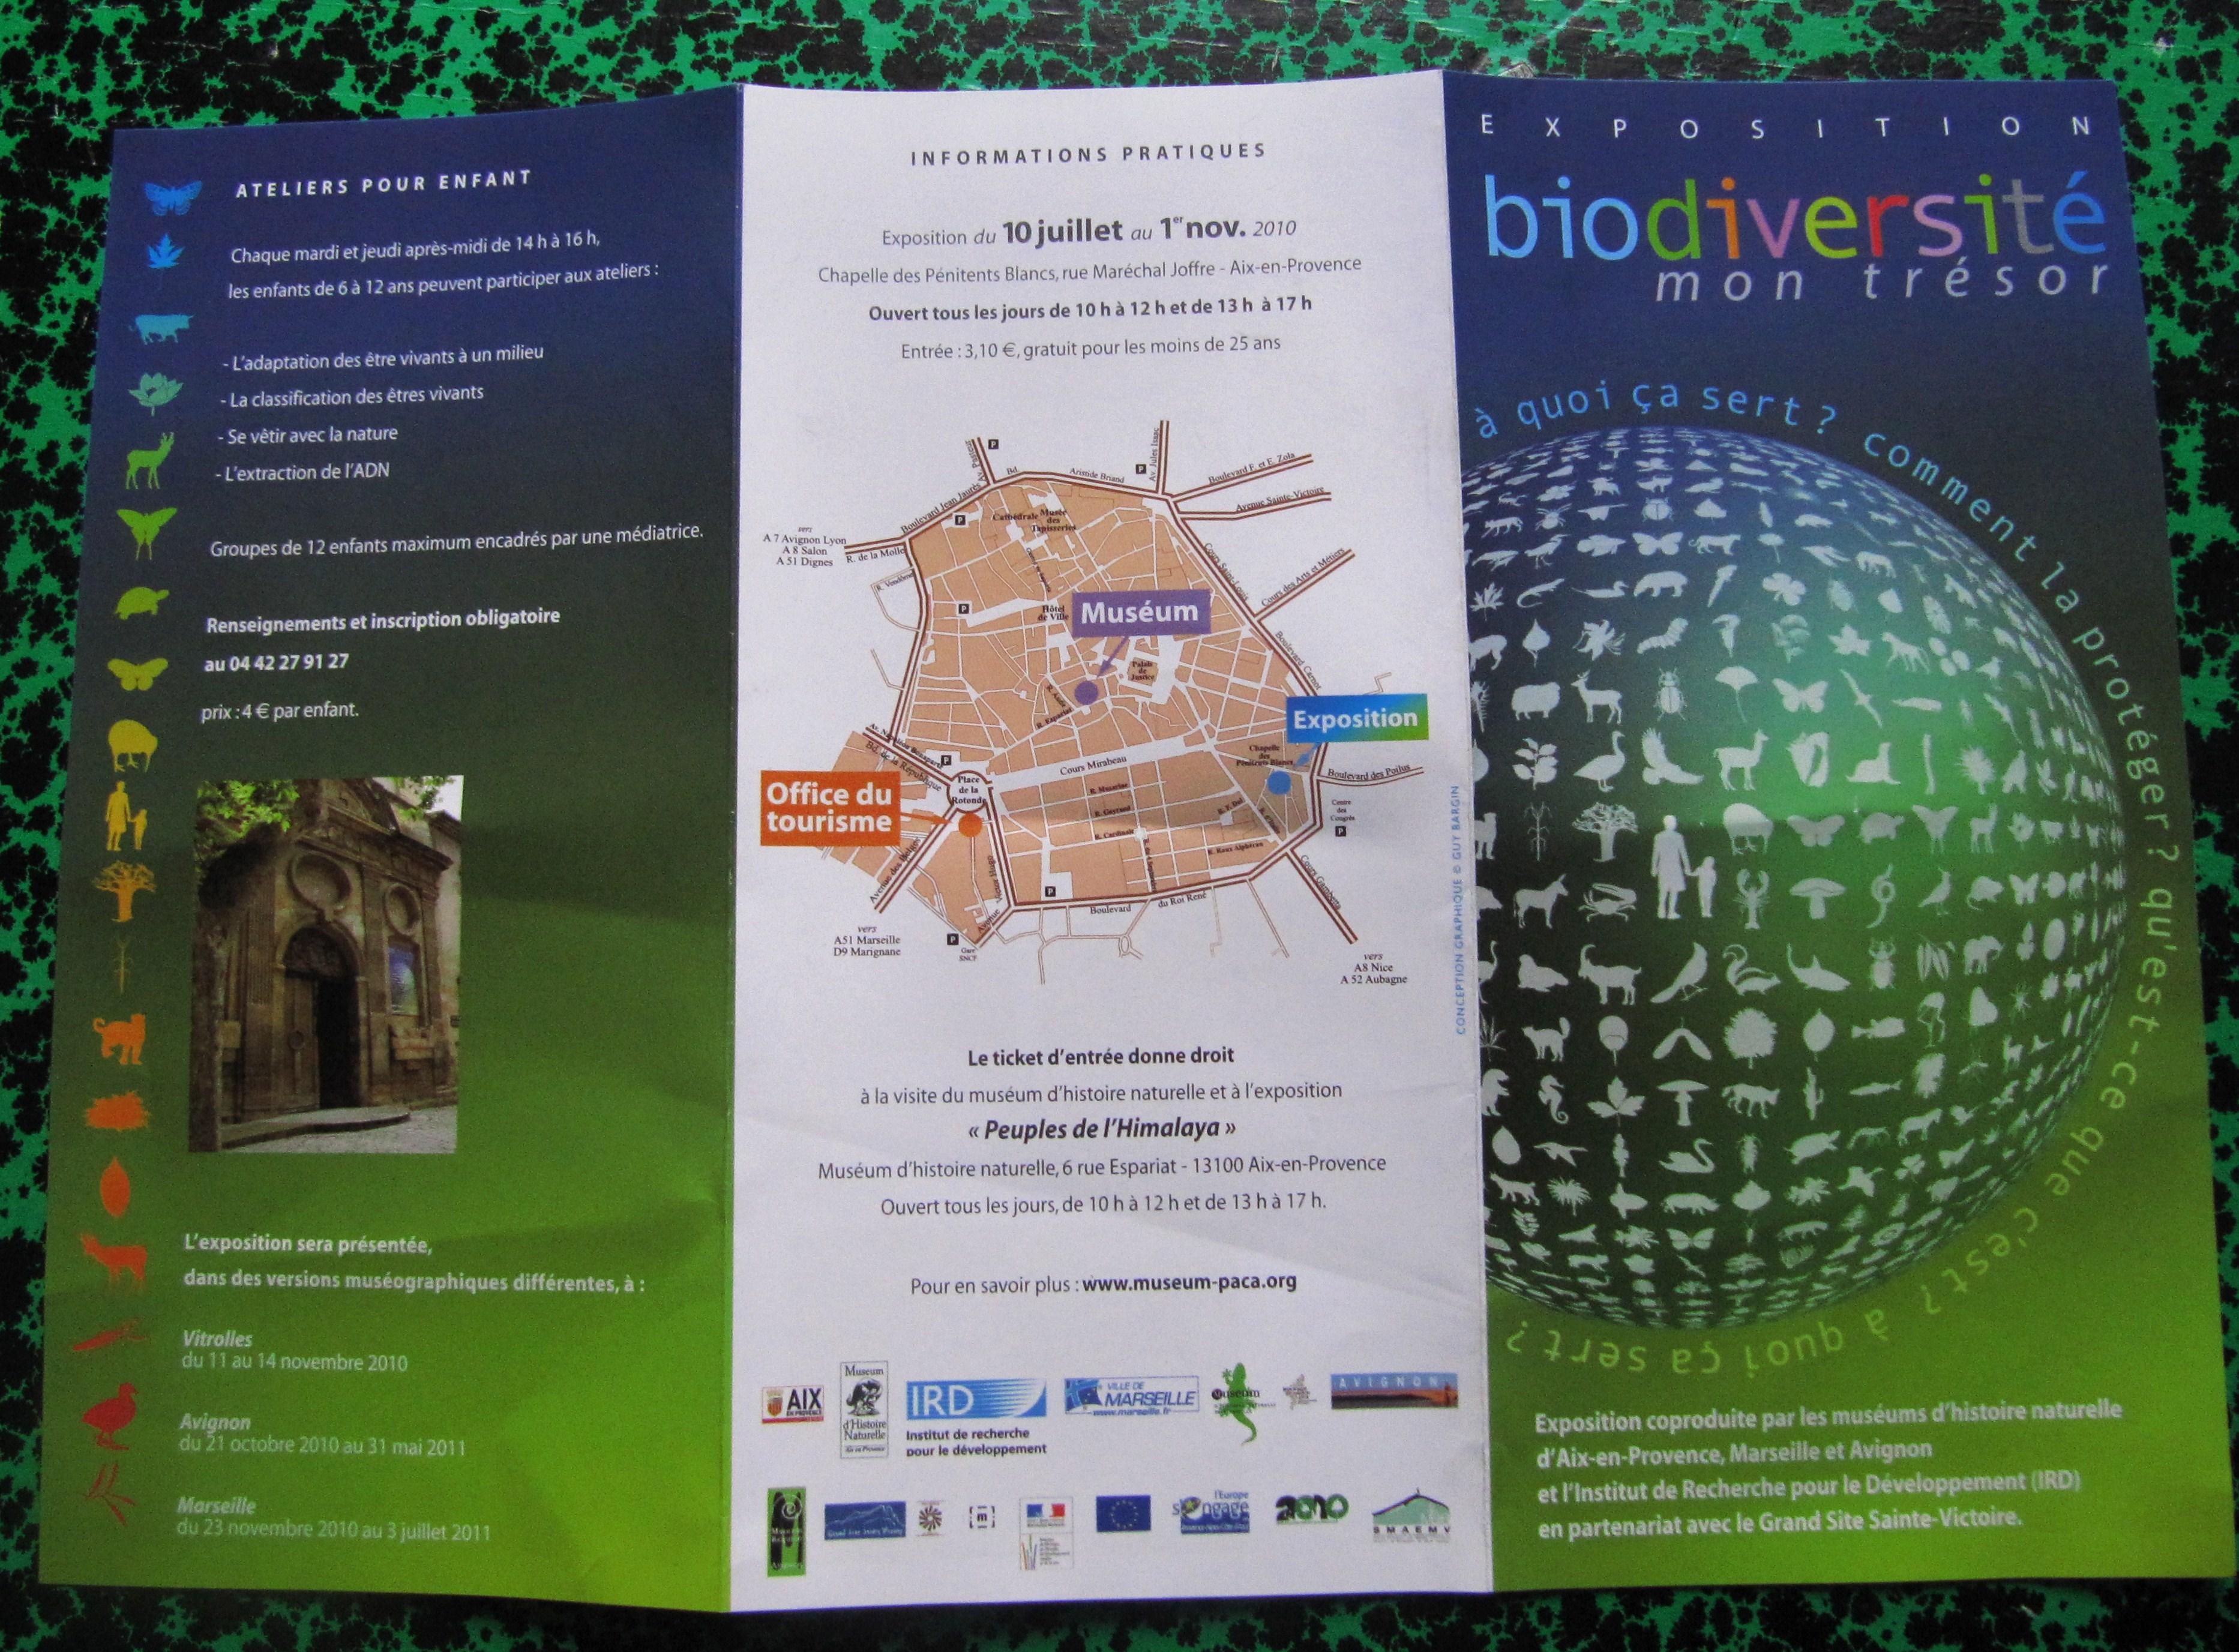 expo-sur-la-biodiversite-002.JPG